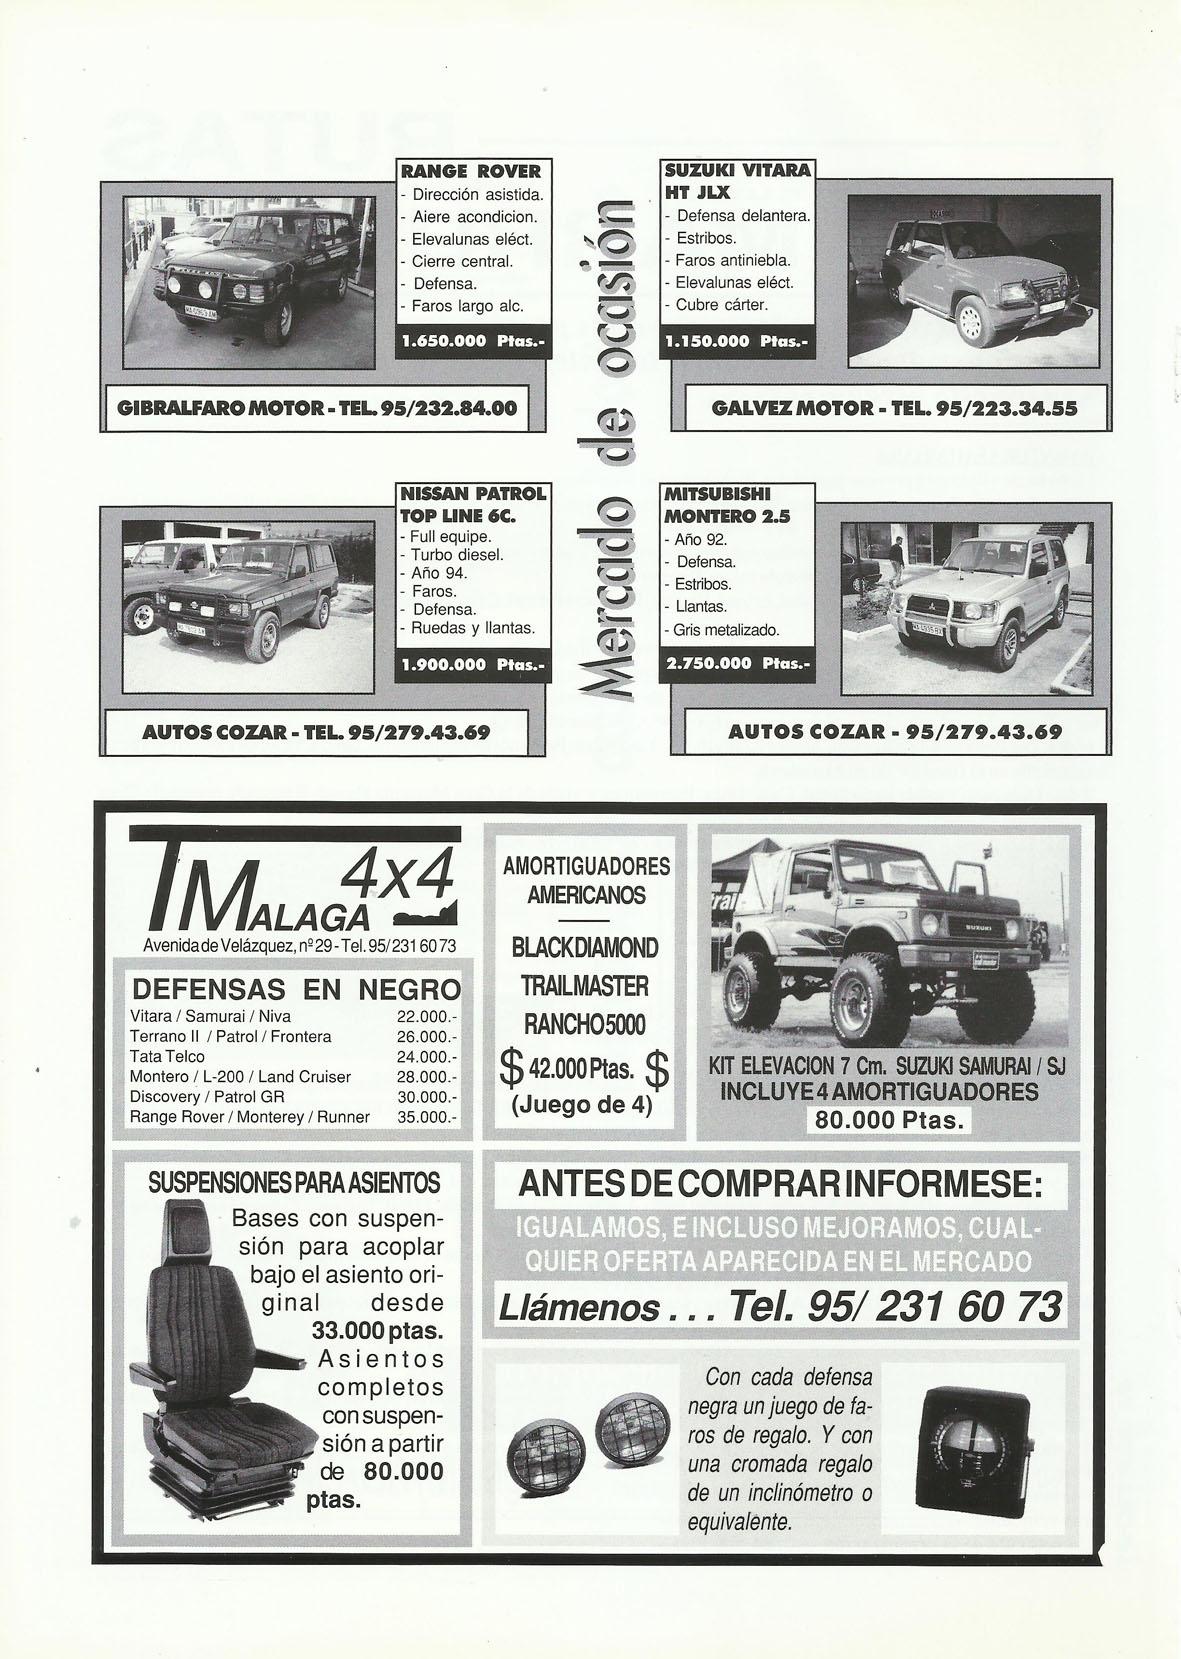 Revista Local 4x4 32 20 Mercado de Ocasión 4x4 y Publicidad Todo 4x4 Málaga